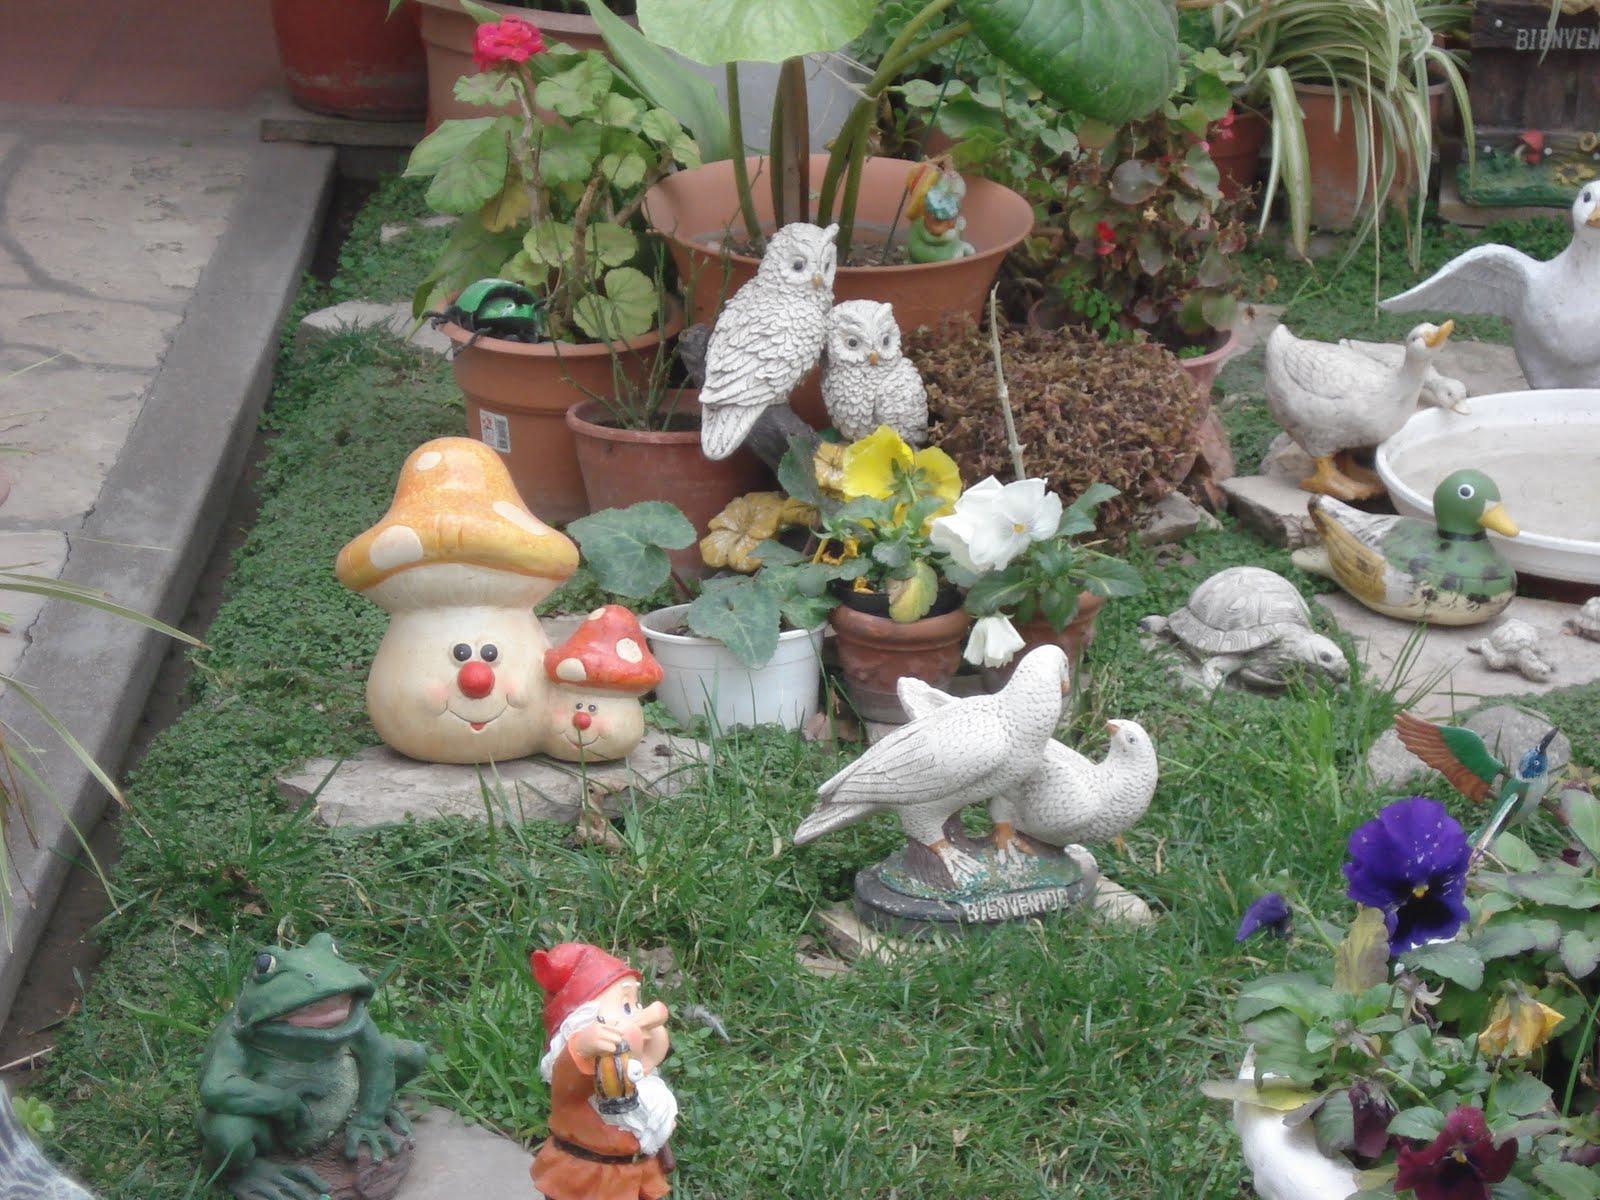 La bah a perdida enanos de jard n for Arboles enanos para jardin